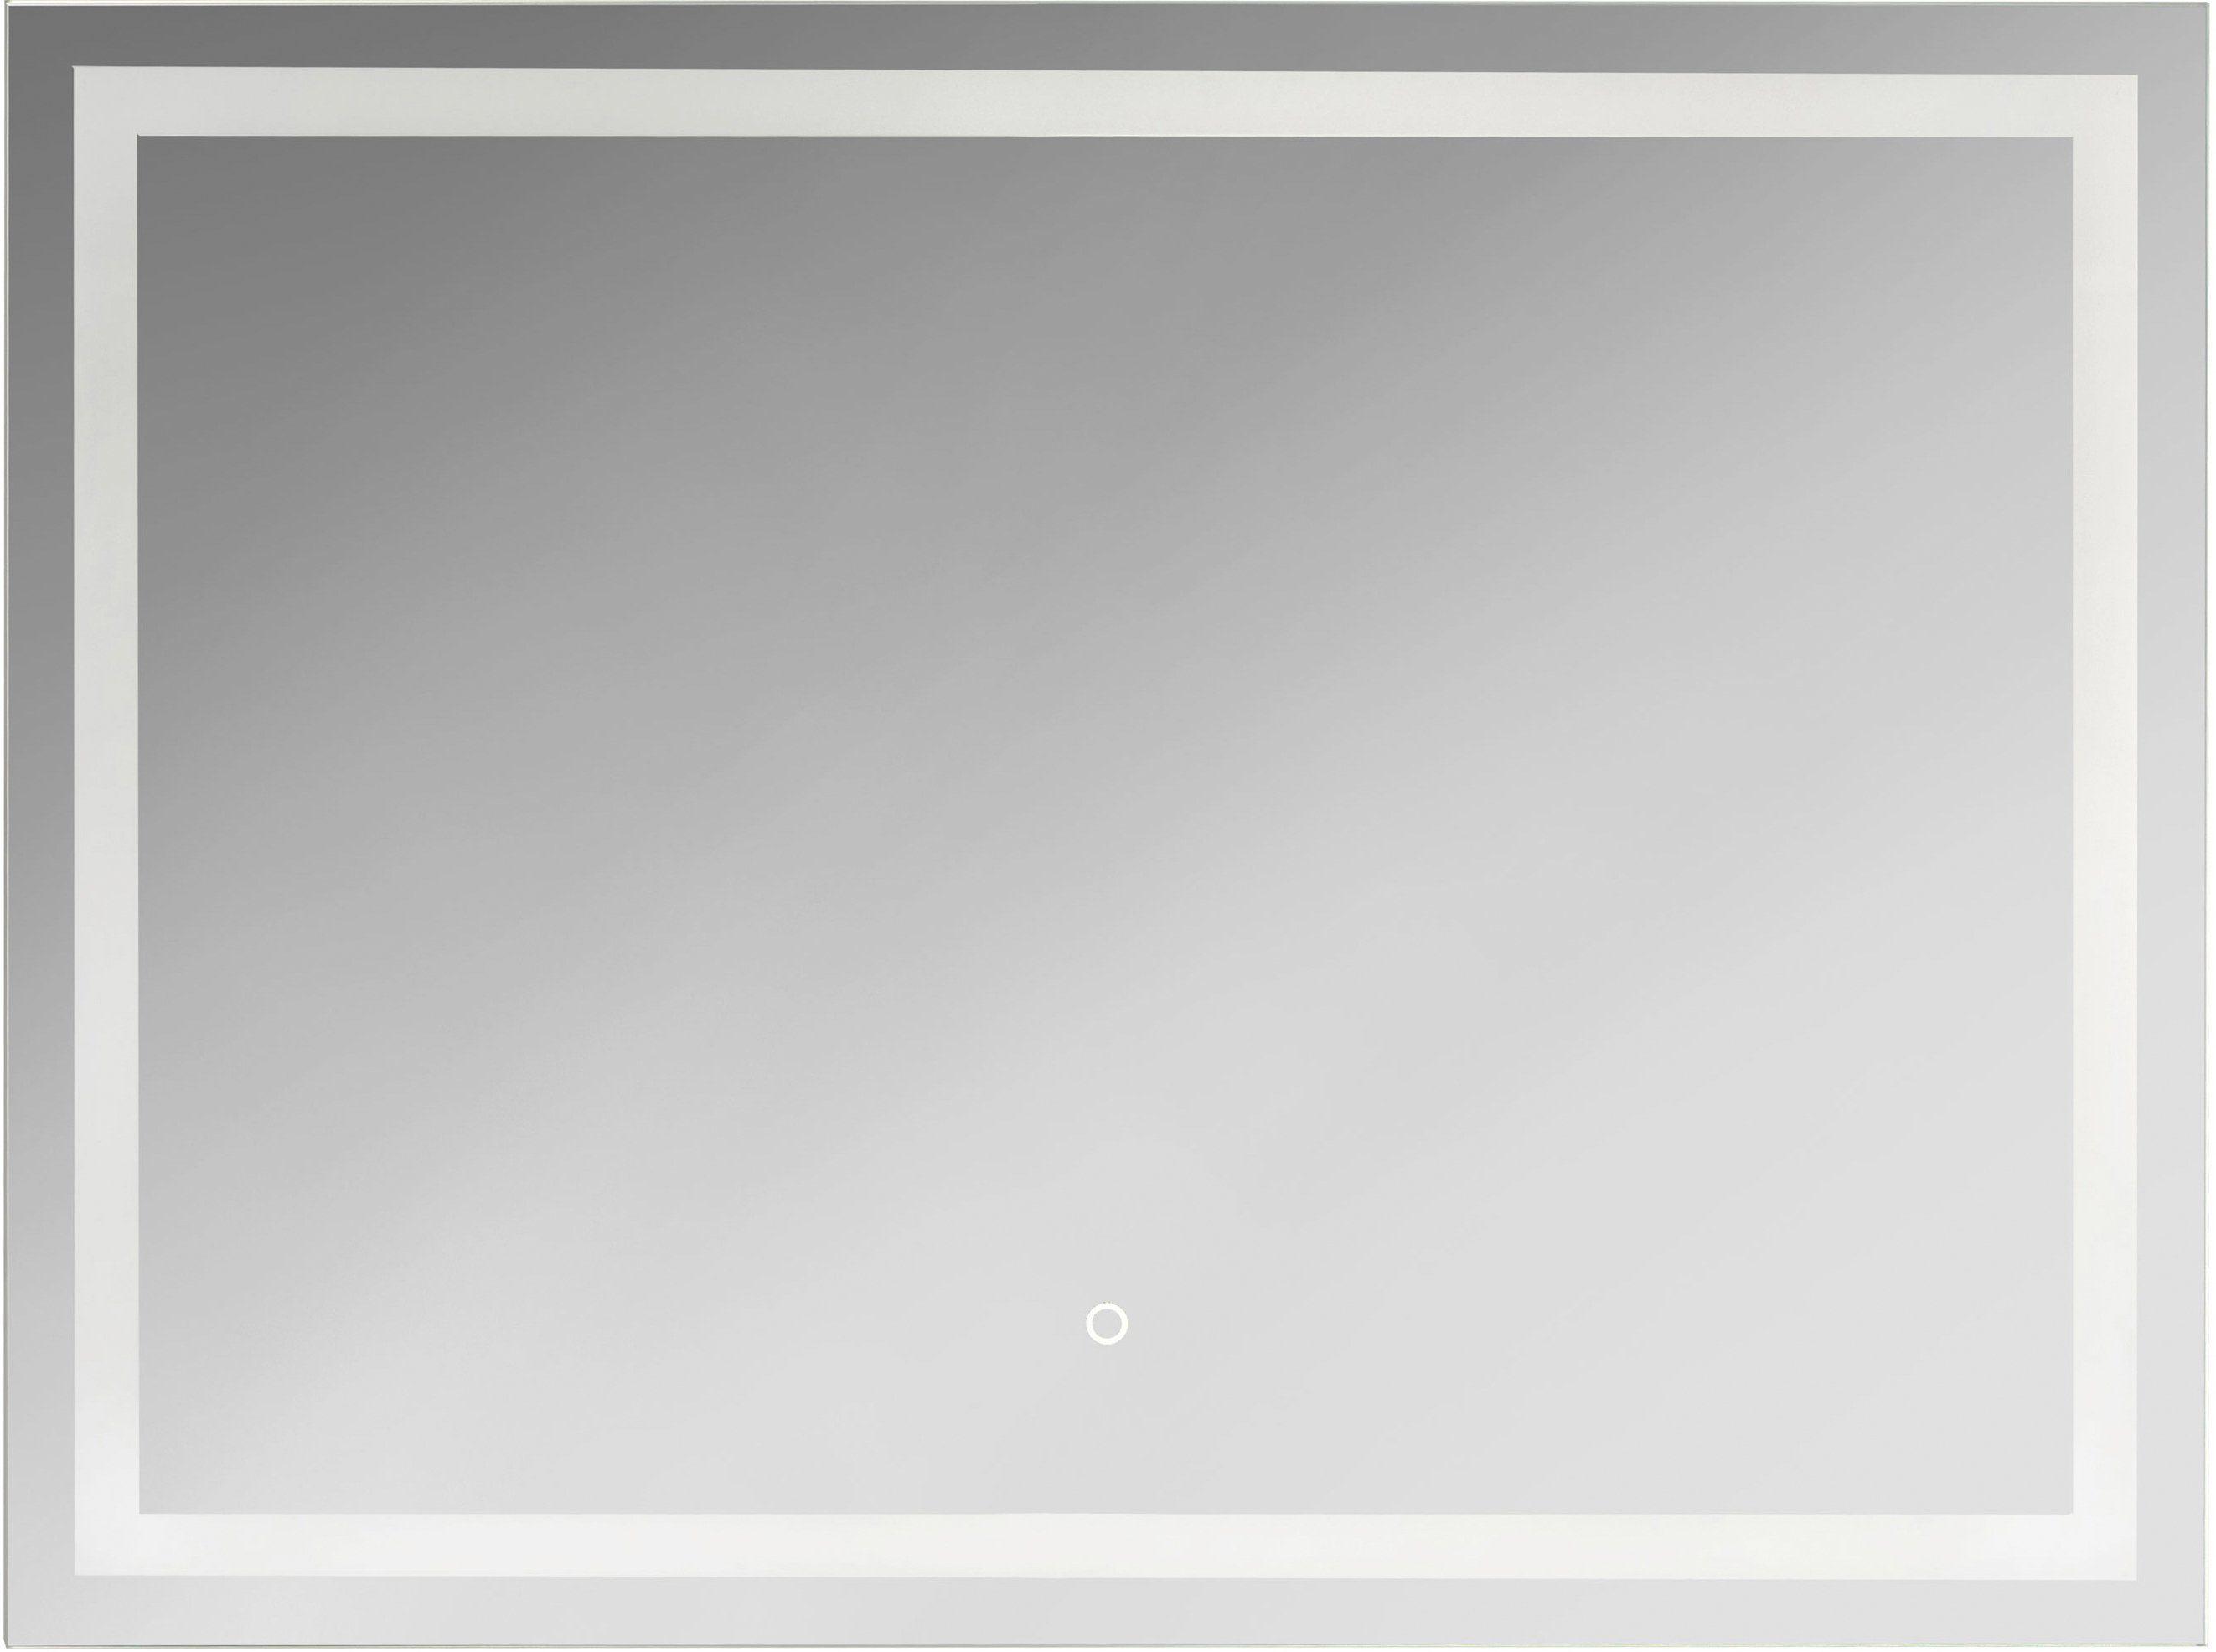 Spiegel Bestellen 7 : Spiegel ohne rahmen online kaufen otto